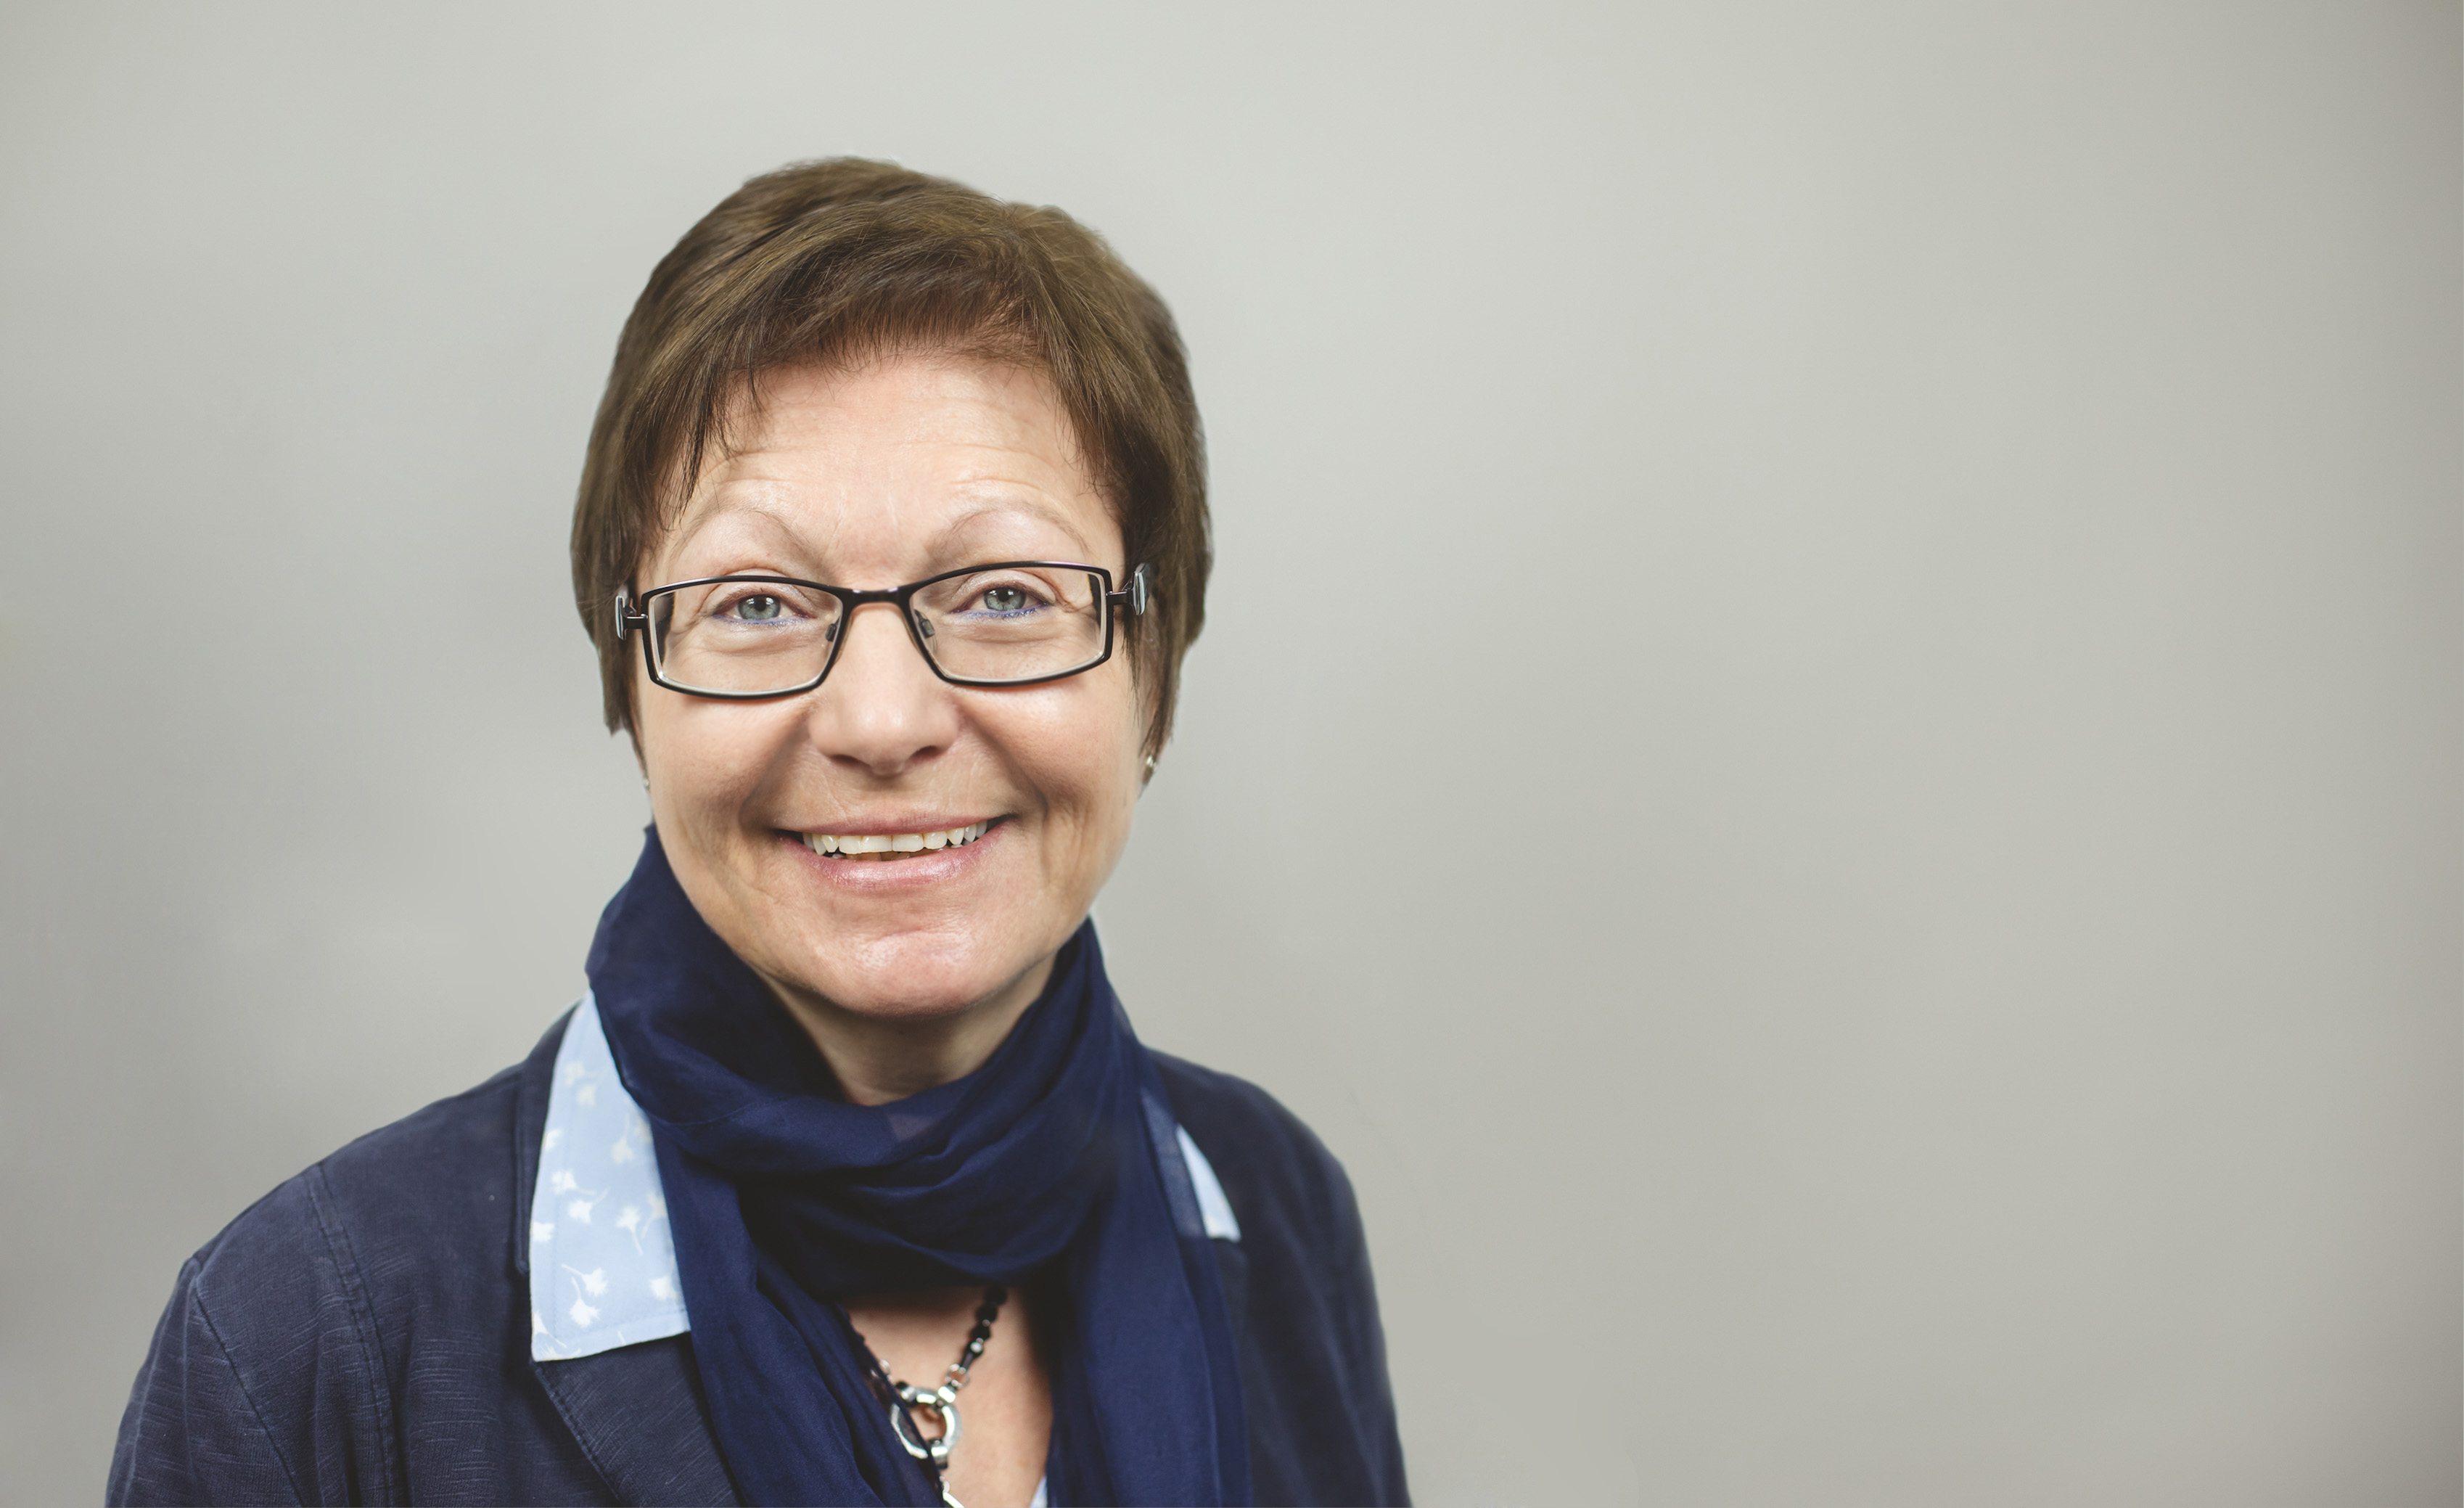 Cornelia Heynk